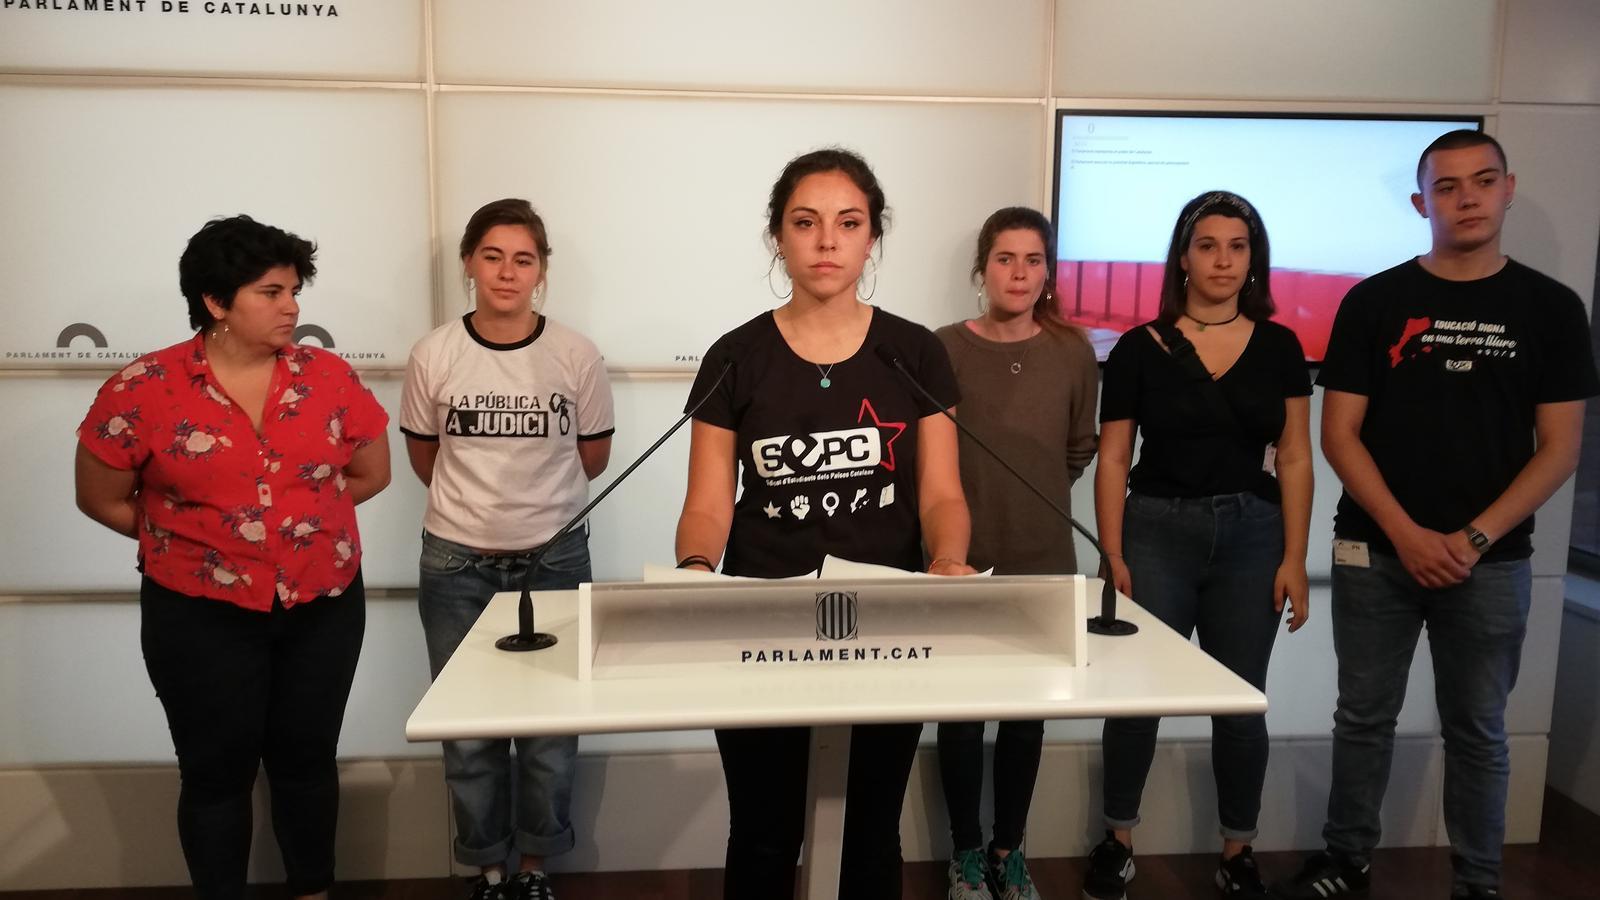 Nou estudiants s'enfronten a quatre anys de presó per les protestes contra les taxes universitàries